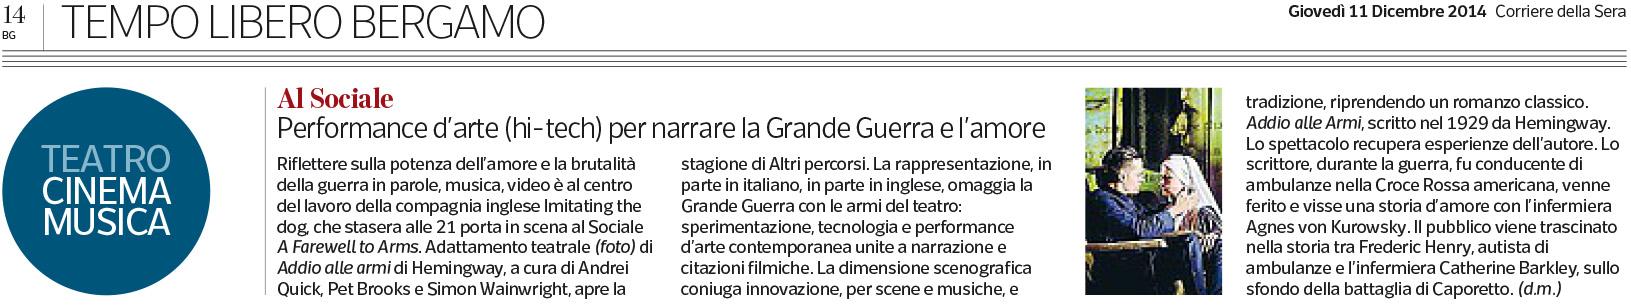 2014.12.11 Performance d'arte hi-tech per narrare la grande guerra - Corriere della Sera